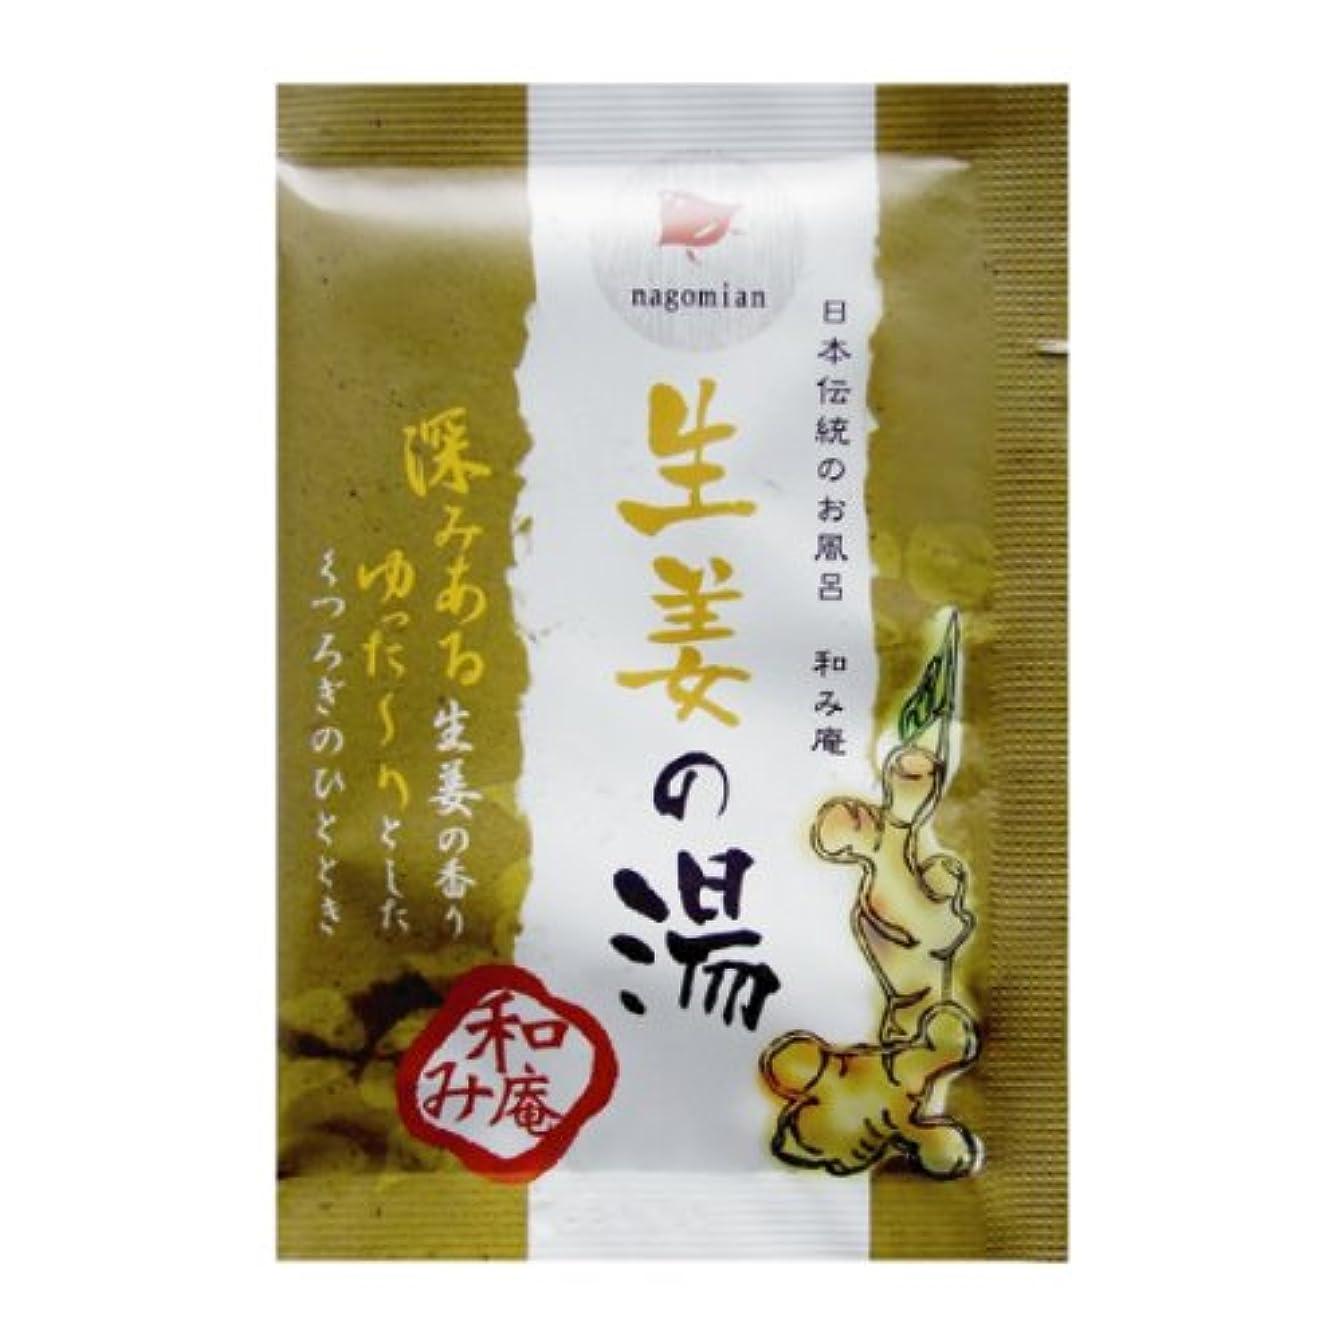 アイスクリームセッション反逆者日本伝統のお風呂 和み庵 生姜の湯 200包